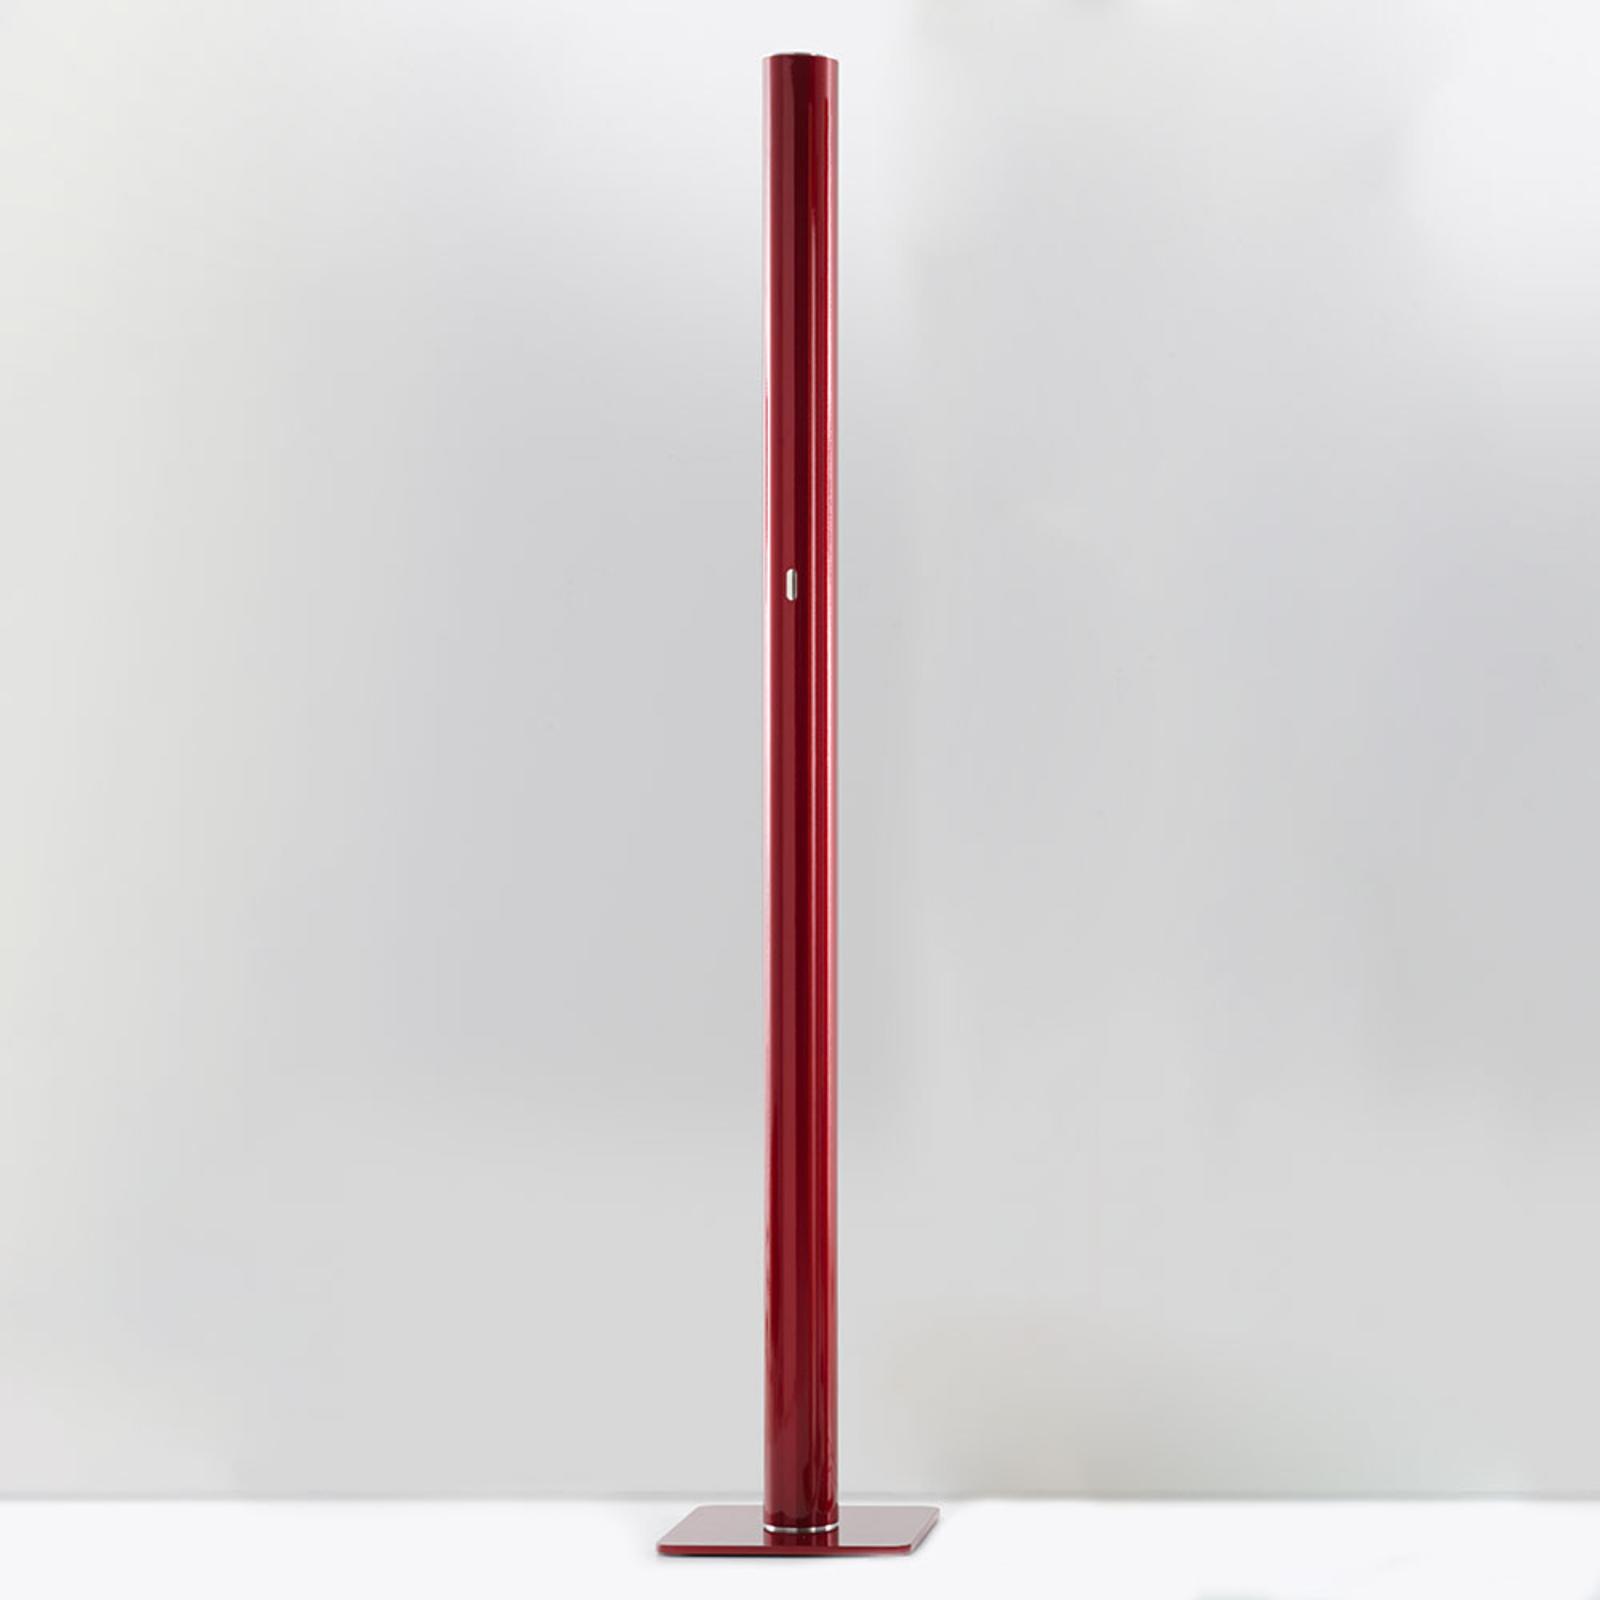 Artemide Ilio – LED-golvlampa, app, röd, 2700K